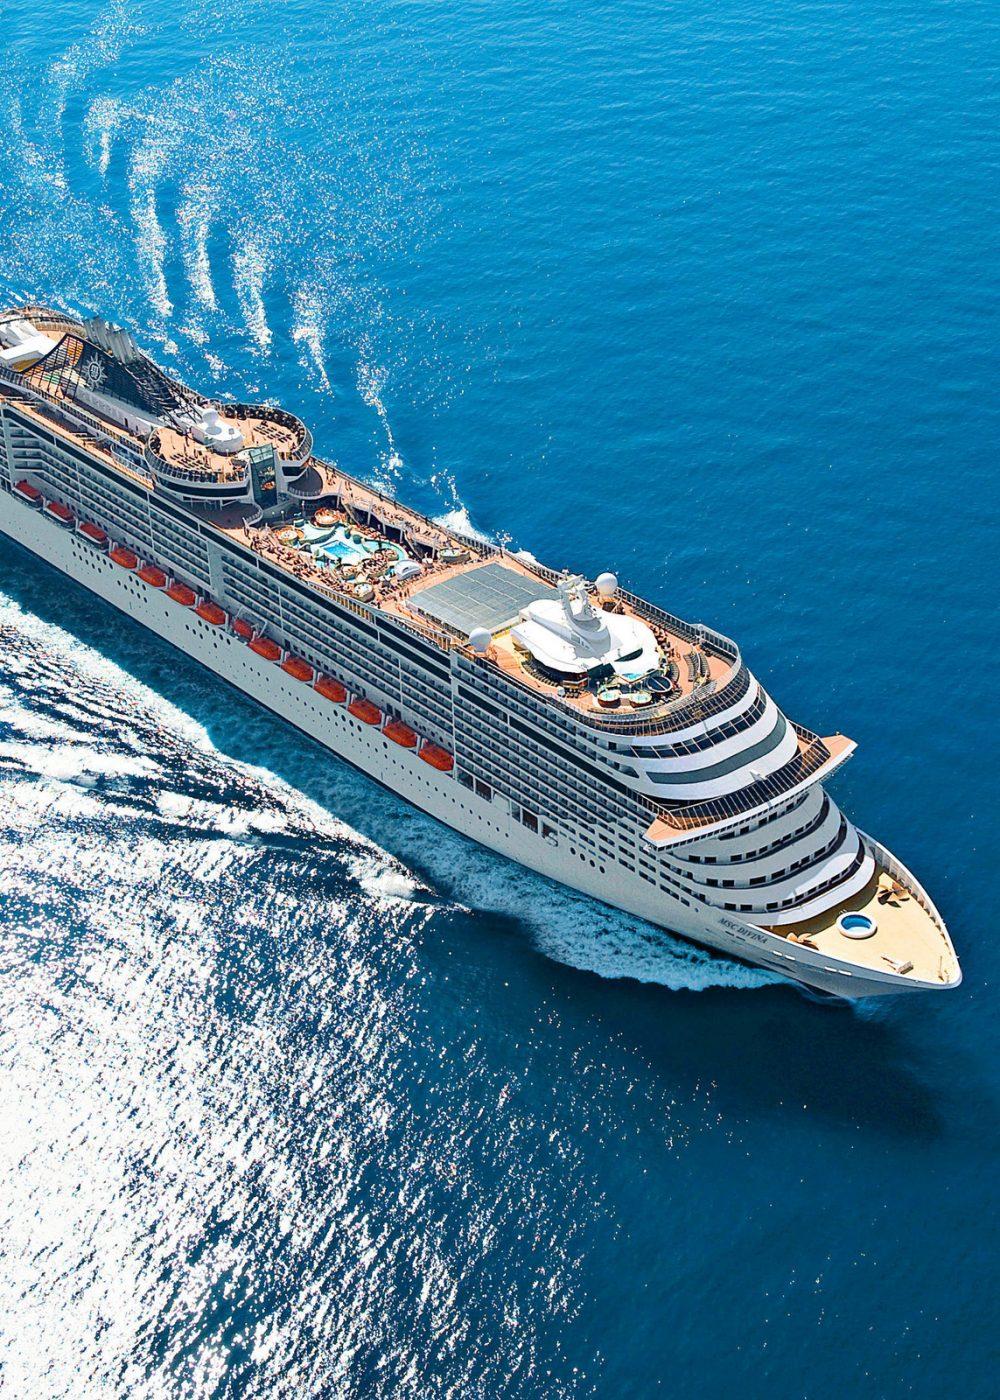 5d9e6bdda410729f04e67cb9_cruise-ship-wallpaper-background-62621-64594-hd-wallpapers